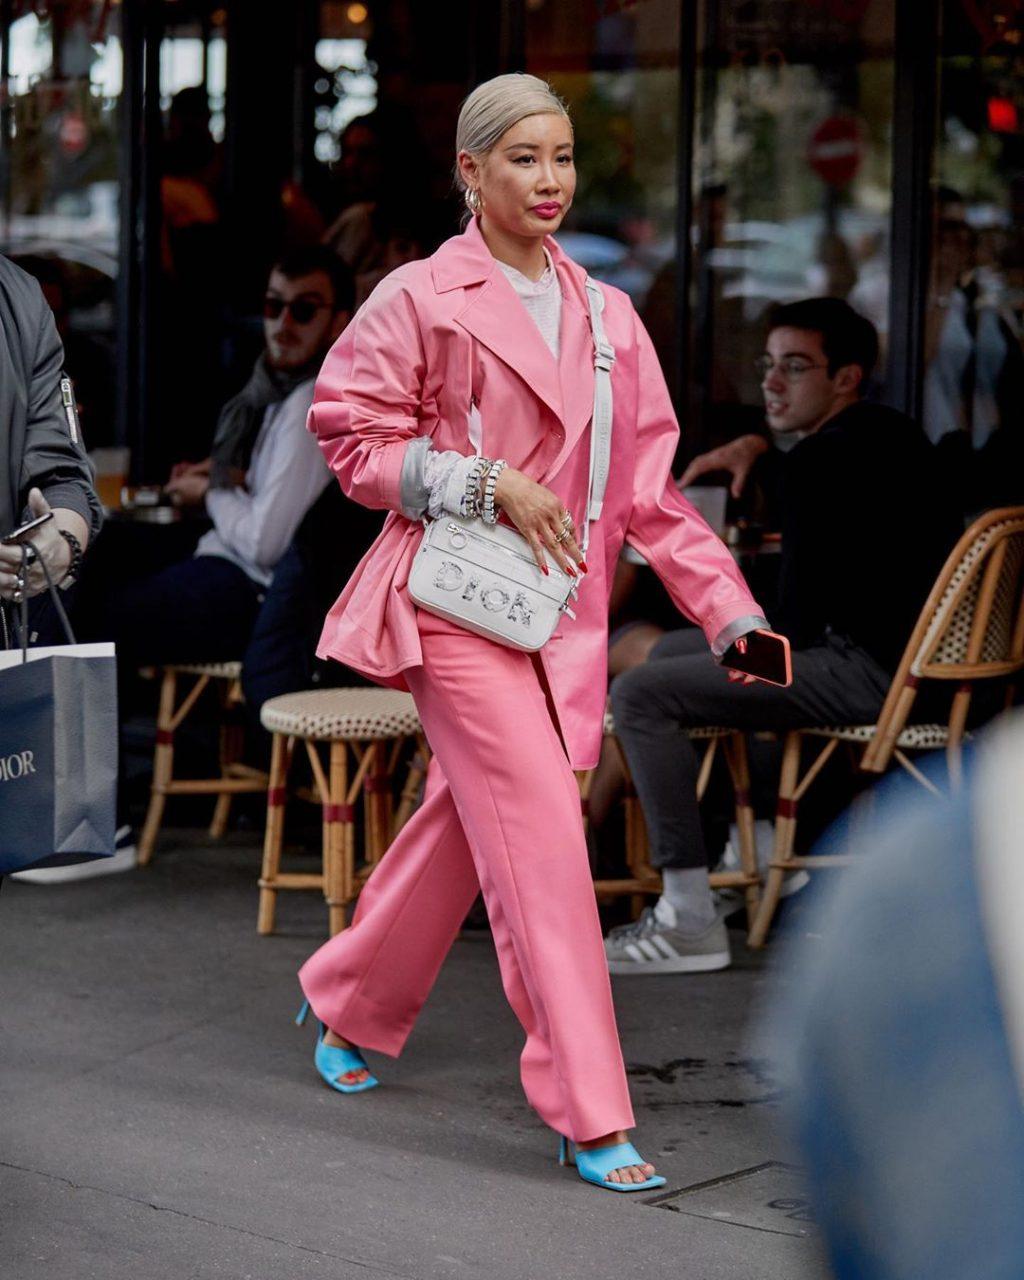 Fashionista mặc quần áo màu hồng đi giày mũi vuông màu xanh thiên thanh